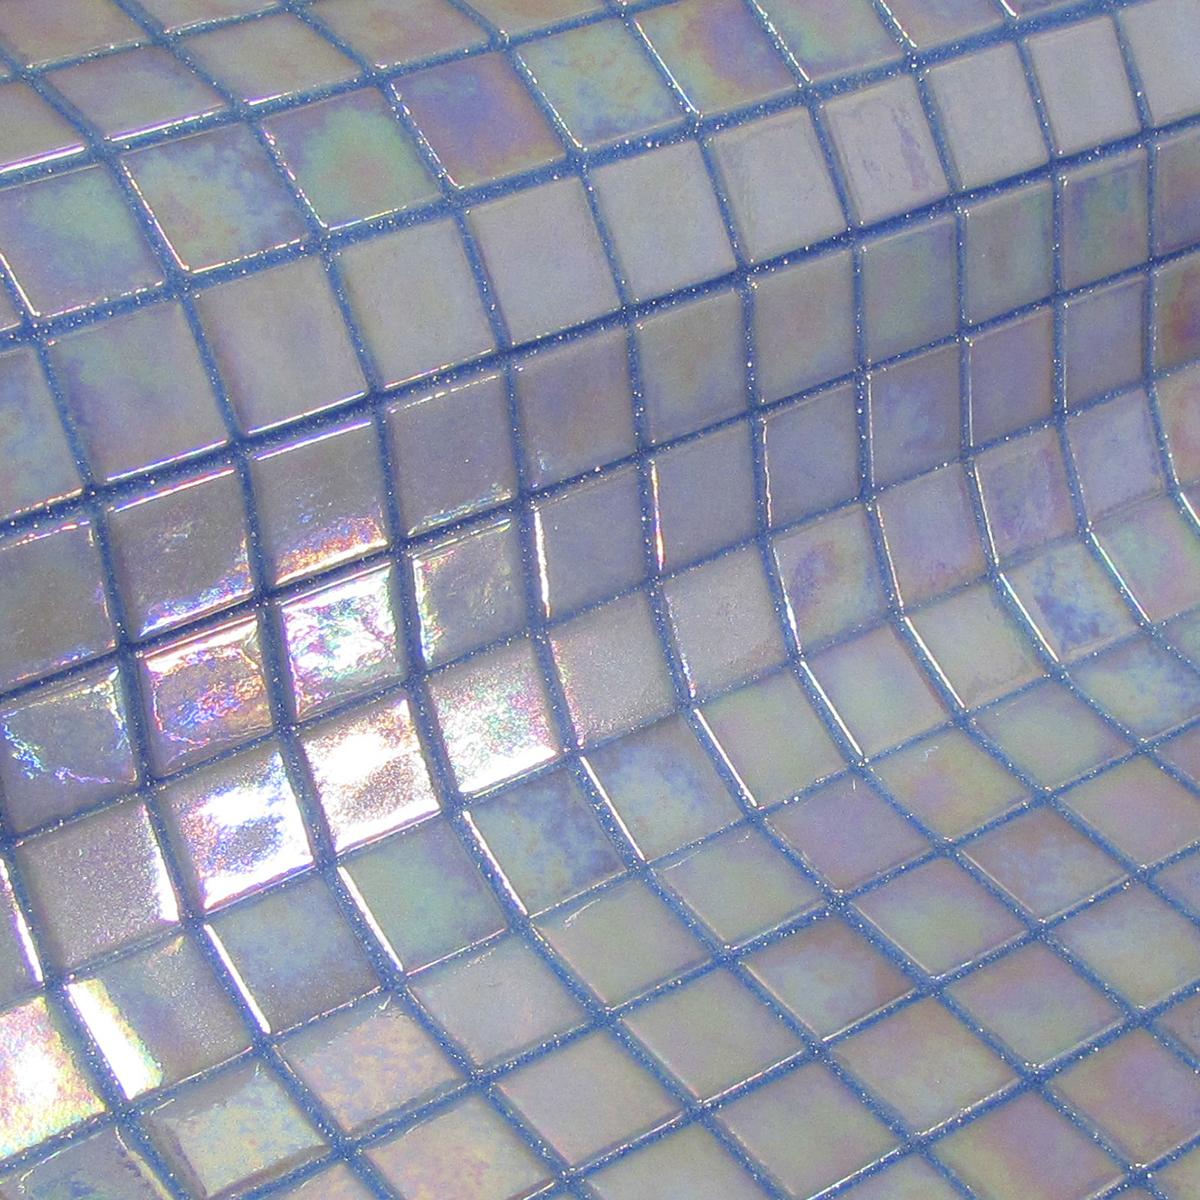 Fosfo_Blue_Iris-Fosfo-Mosaic-Ezarri.jpg